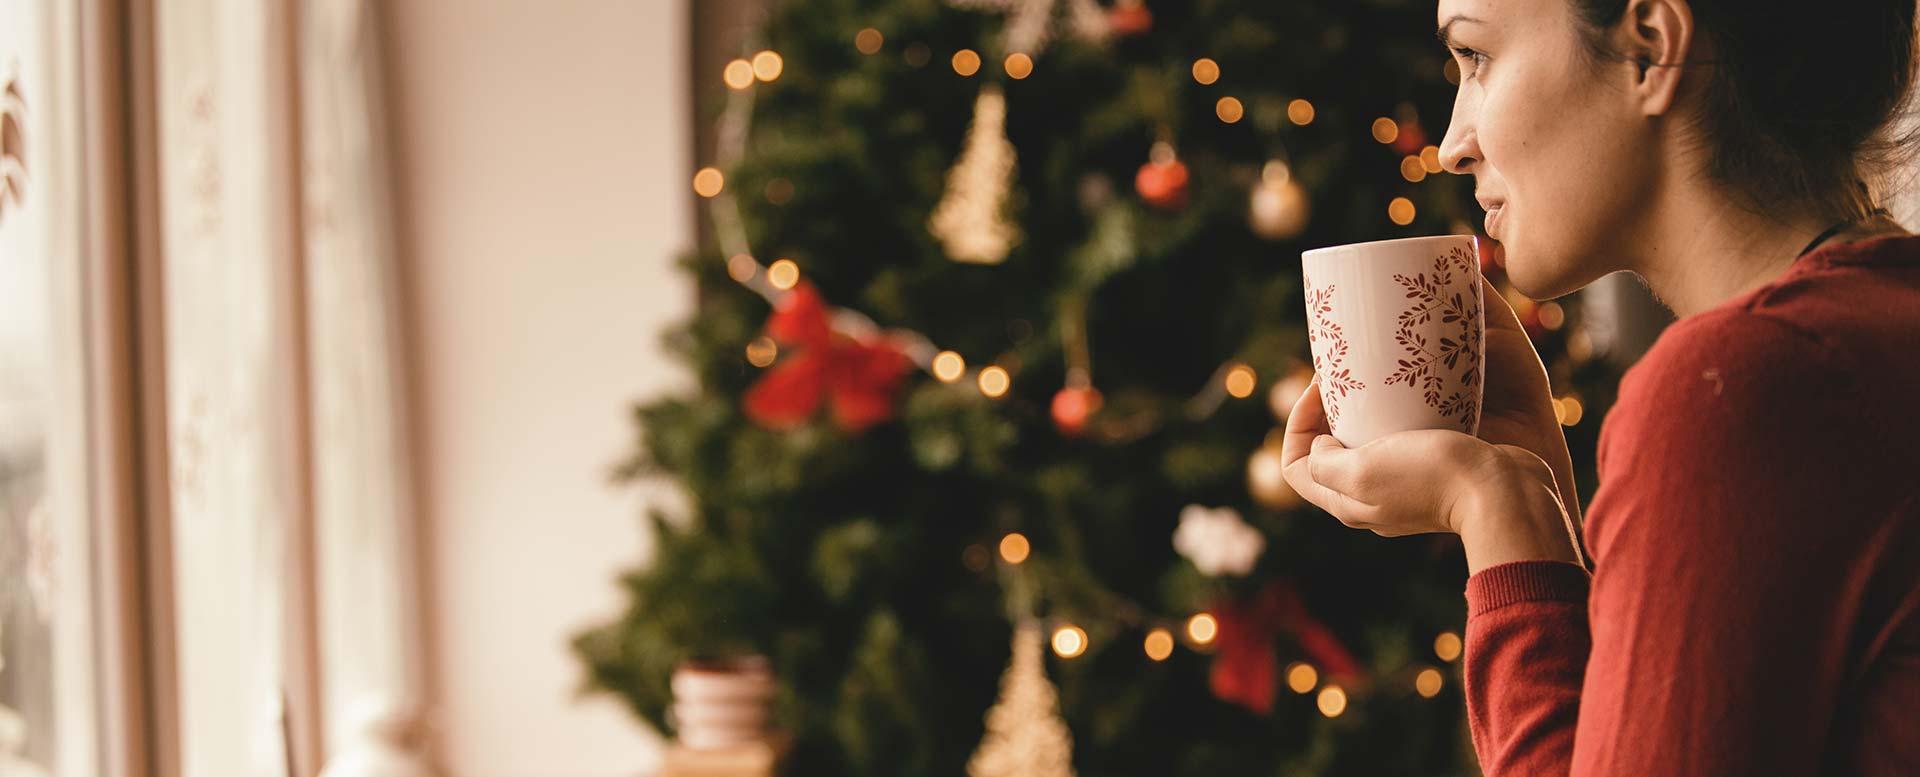 weihnachten allein verbringen tipps ergoimpulse